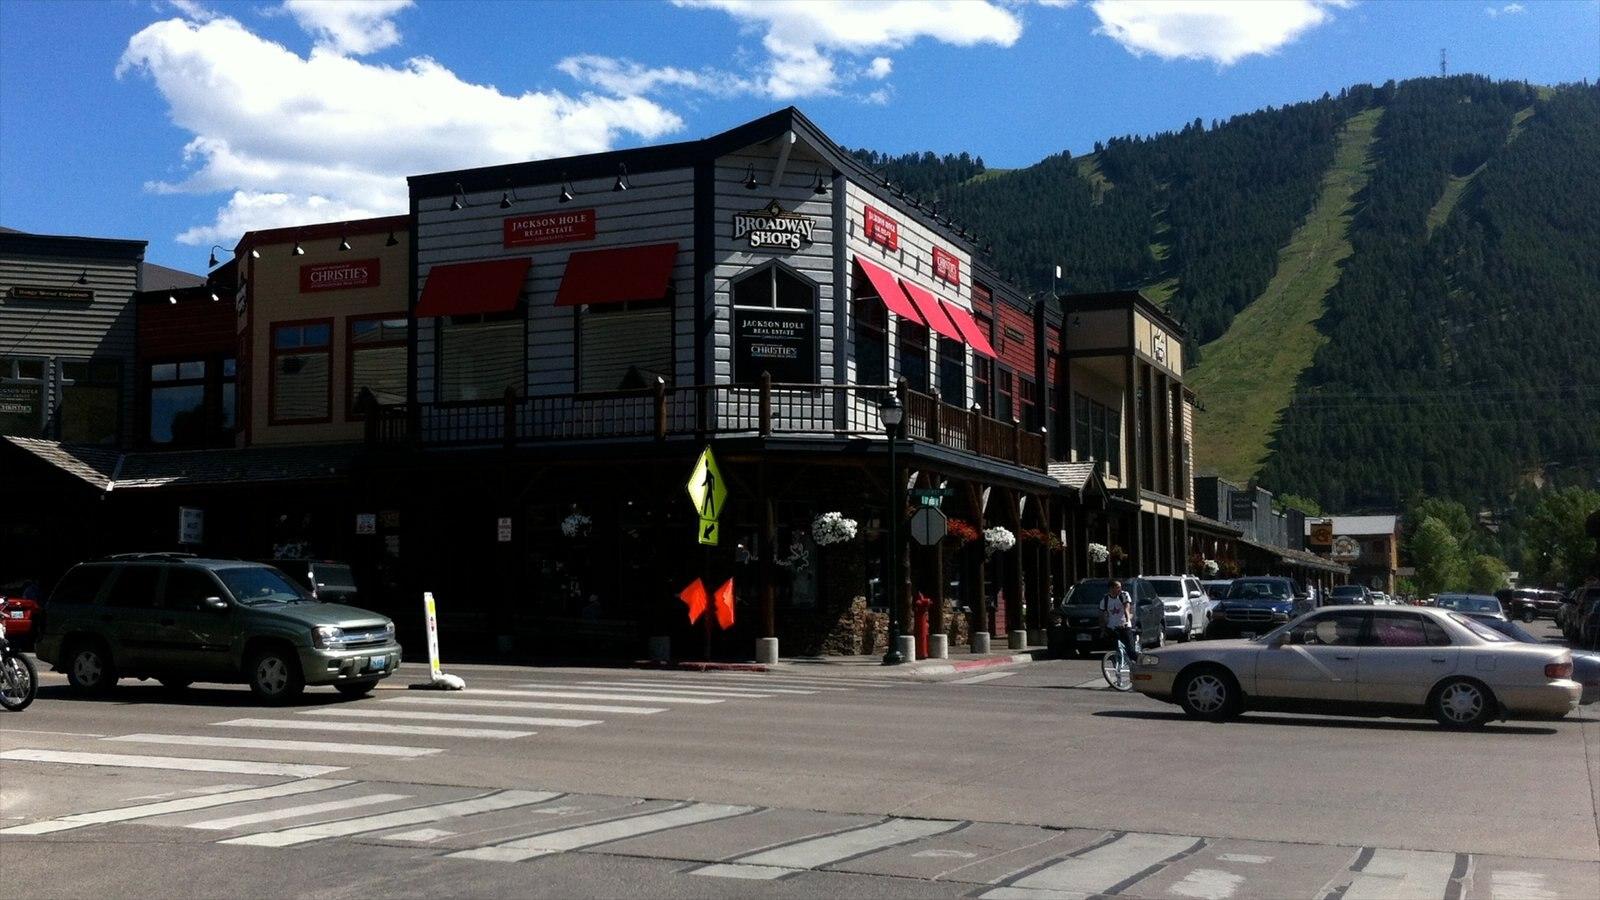 Jackson Hole caracterizando uma cidade pequena ou vila, montanhas e cenas de rua